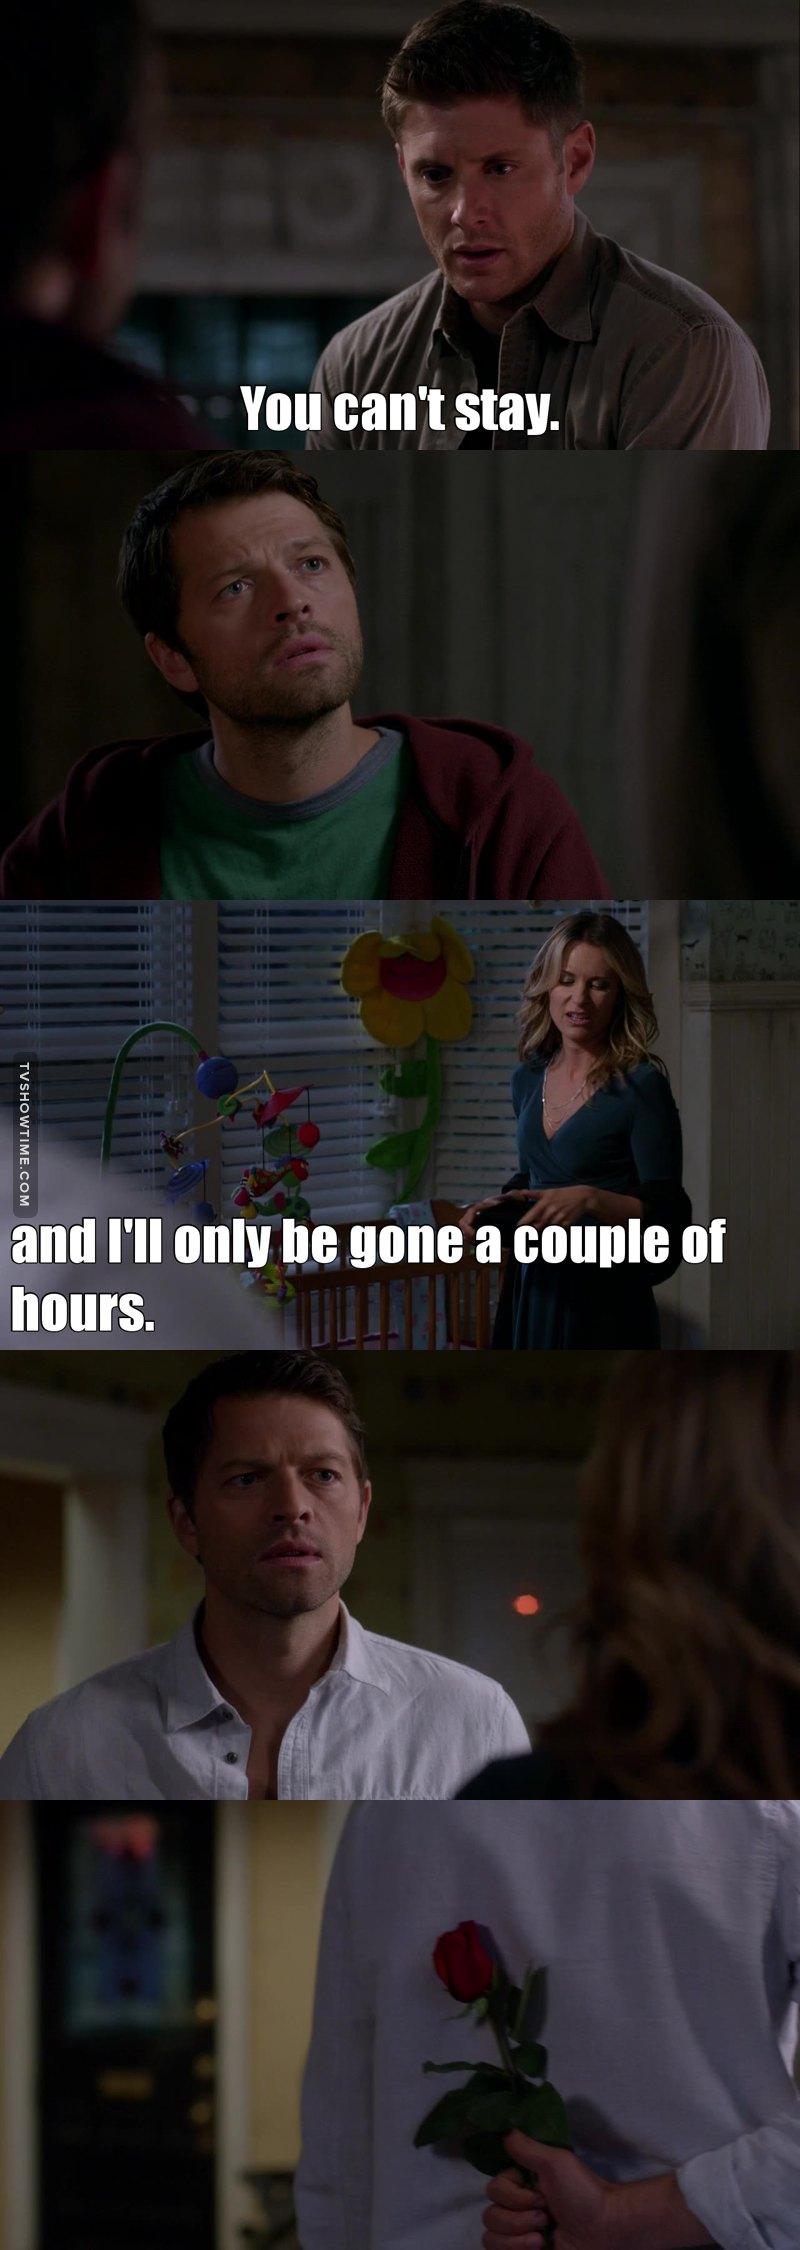 Breaking castiel's heart since the beginning of season 9